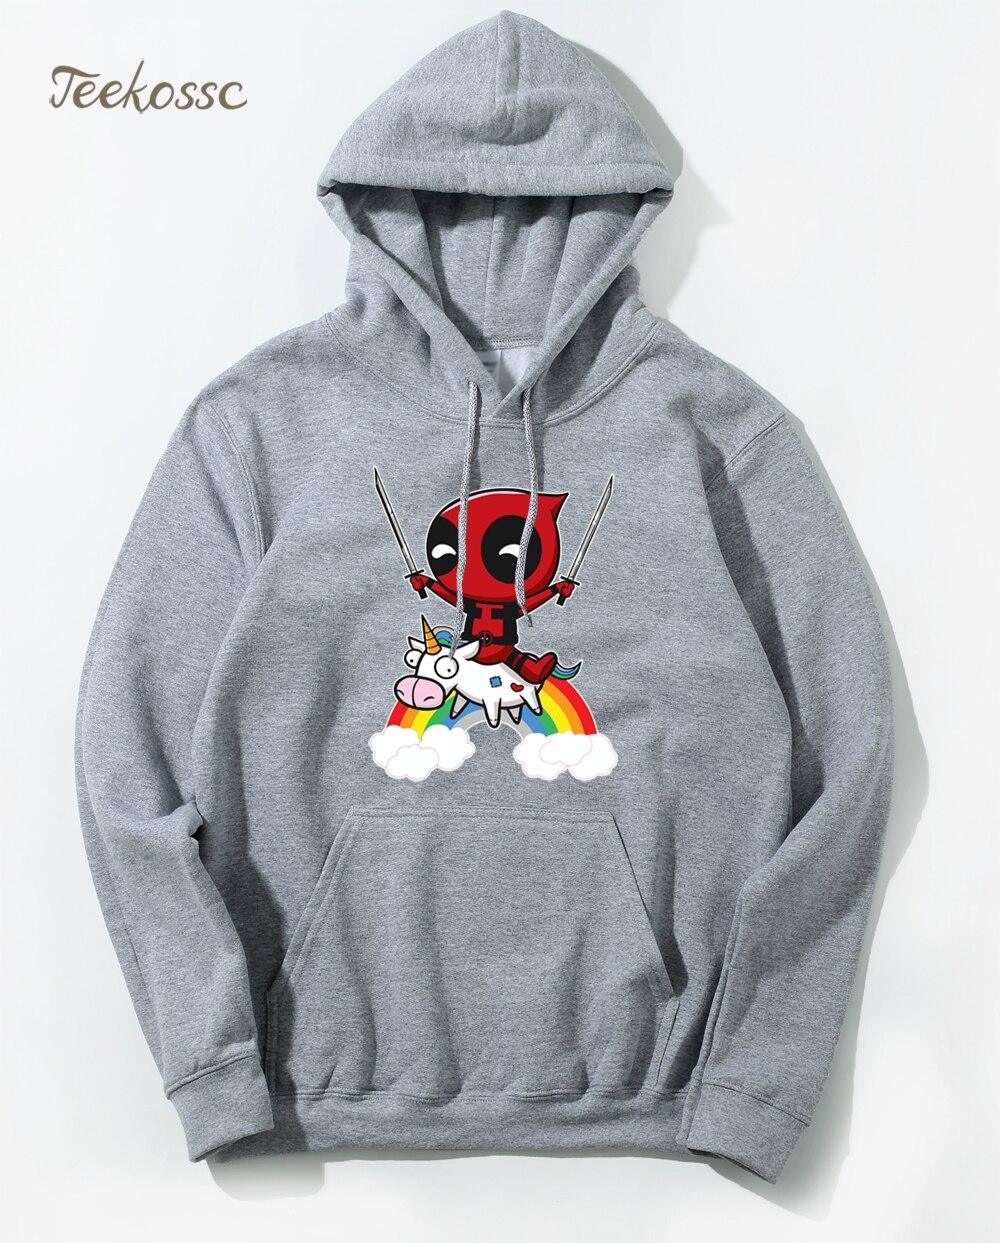 Deadpool  Hoodie Men Deal Pool Funny Hoodies Mens 2018 Winter Autumn Super Hero Hooded Sweatshirt Grey Hip Hop Streetwear